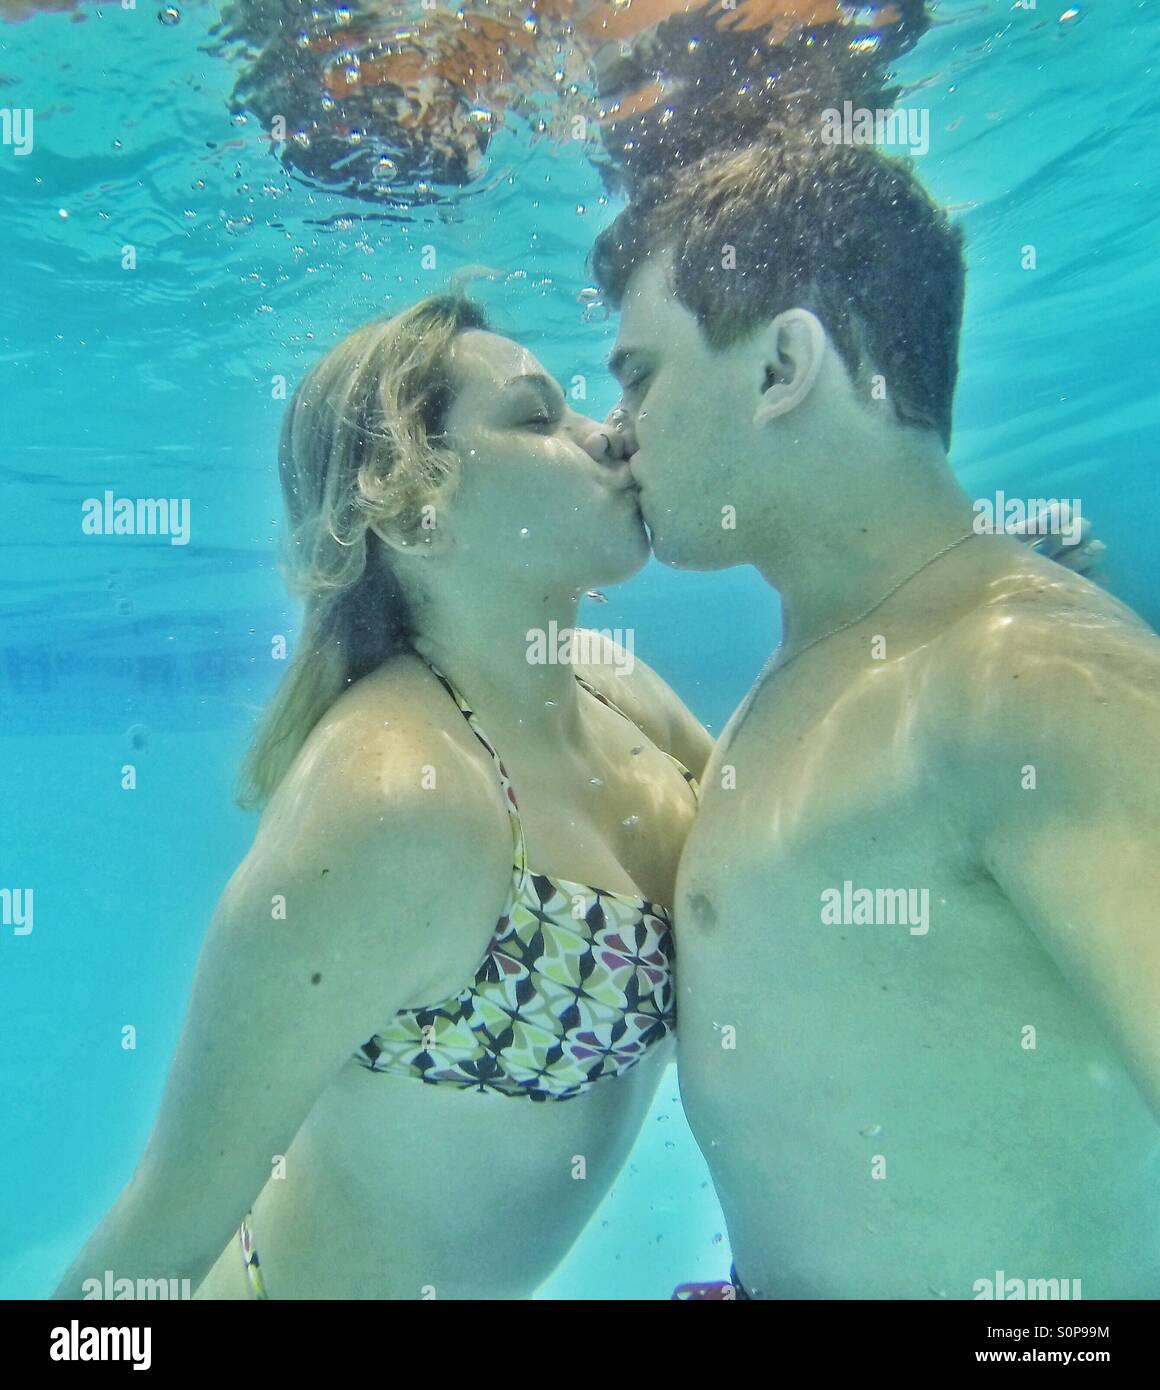 Amor até dentro d'Água Immagini Stock